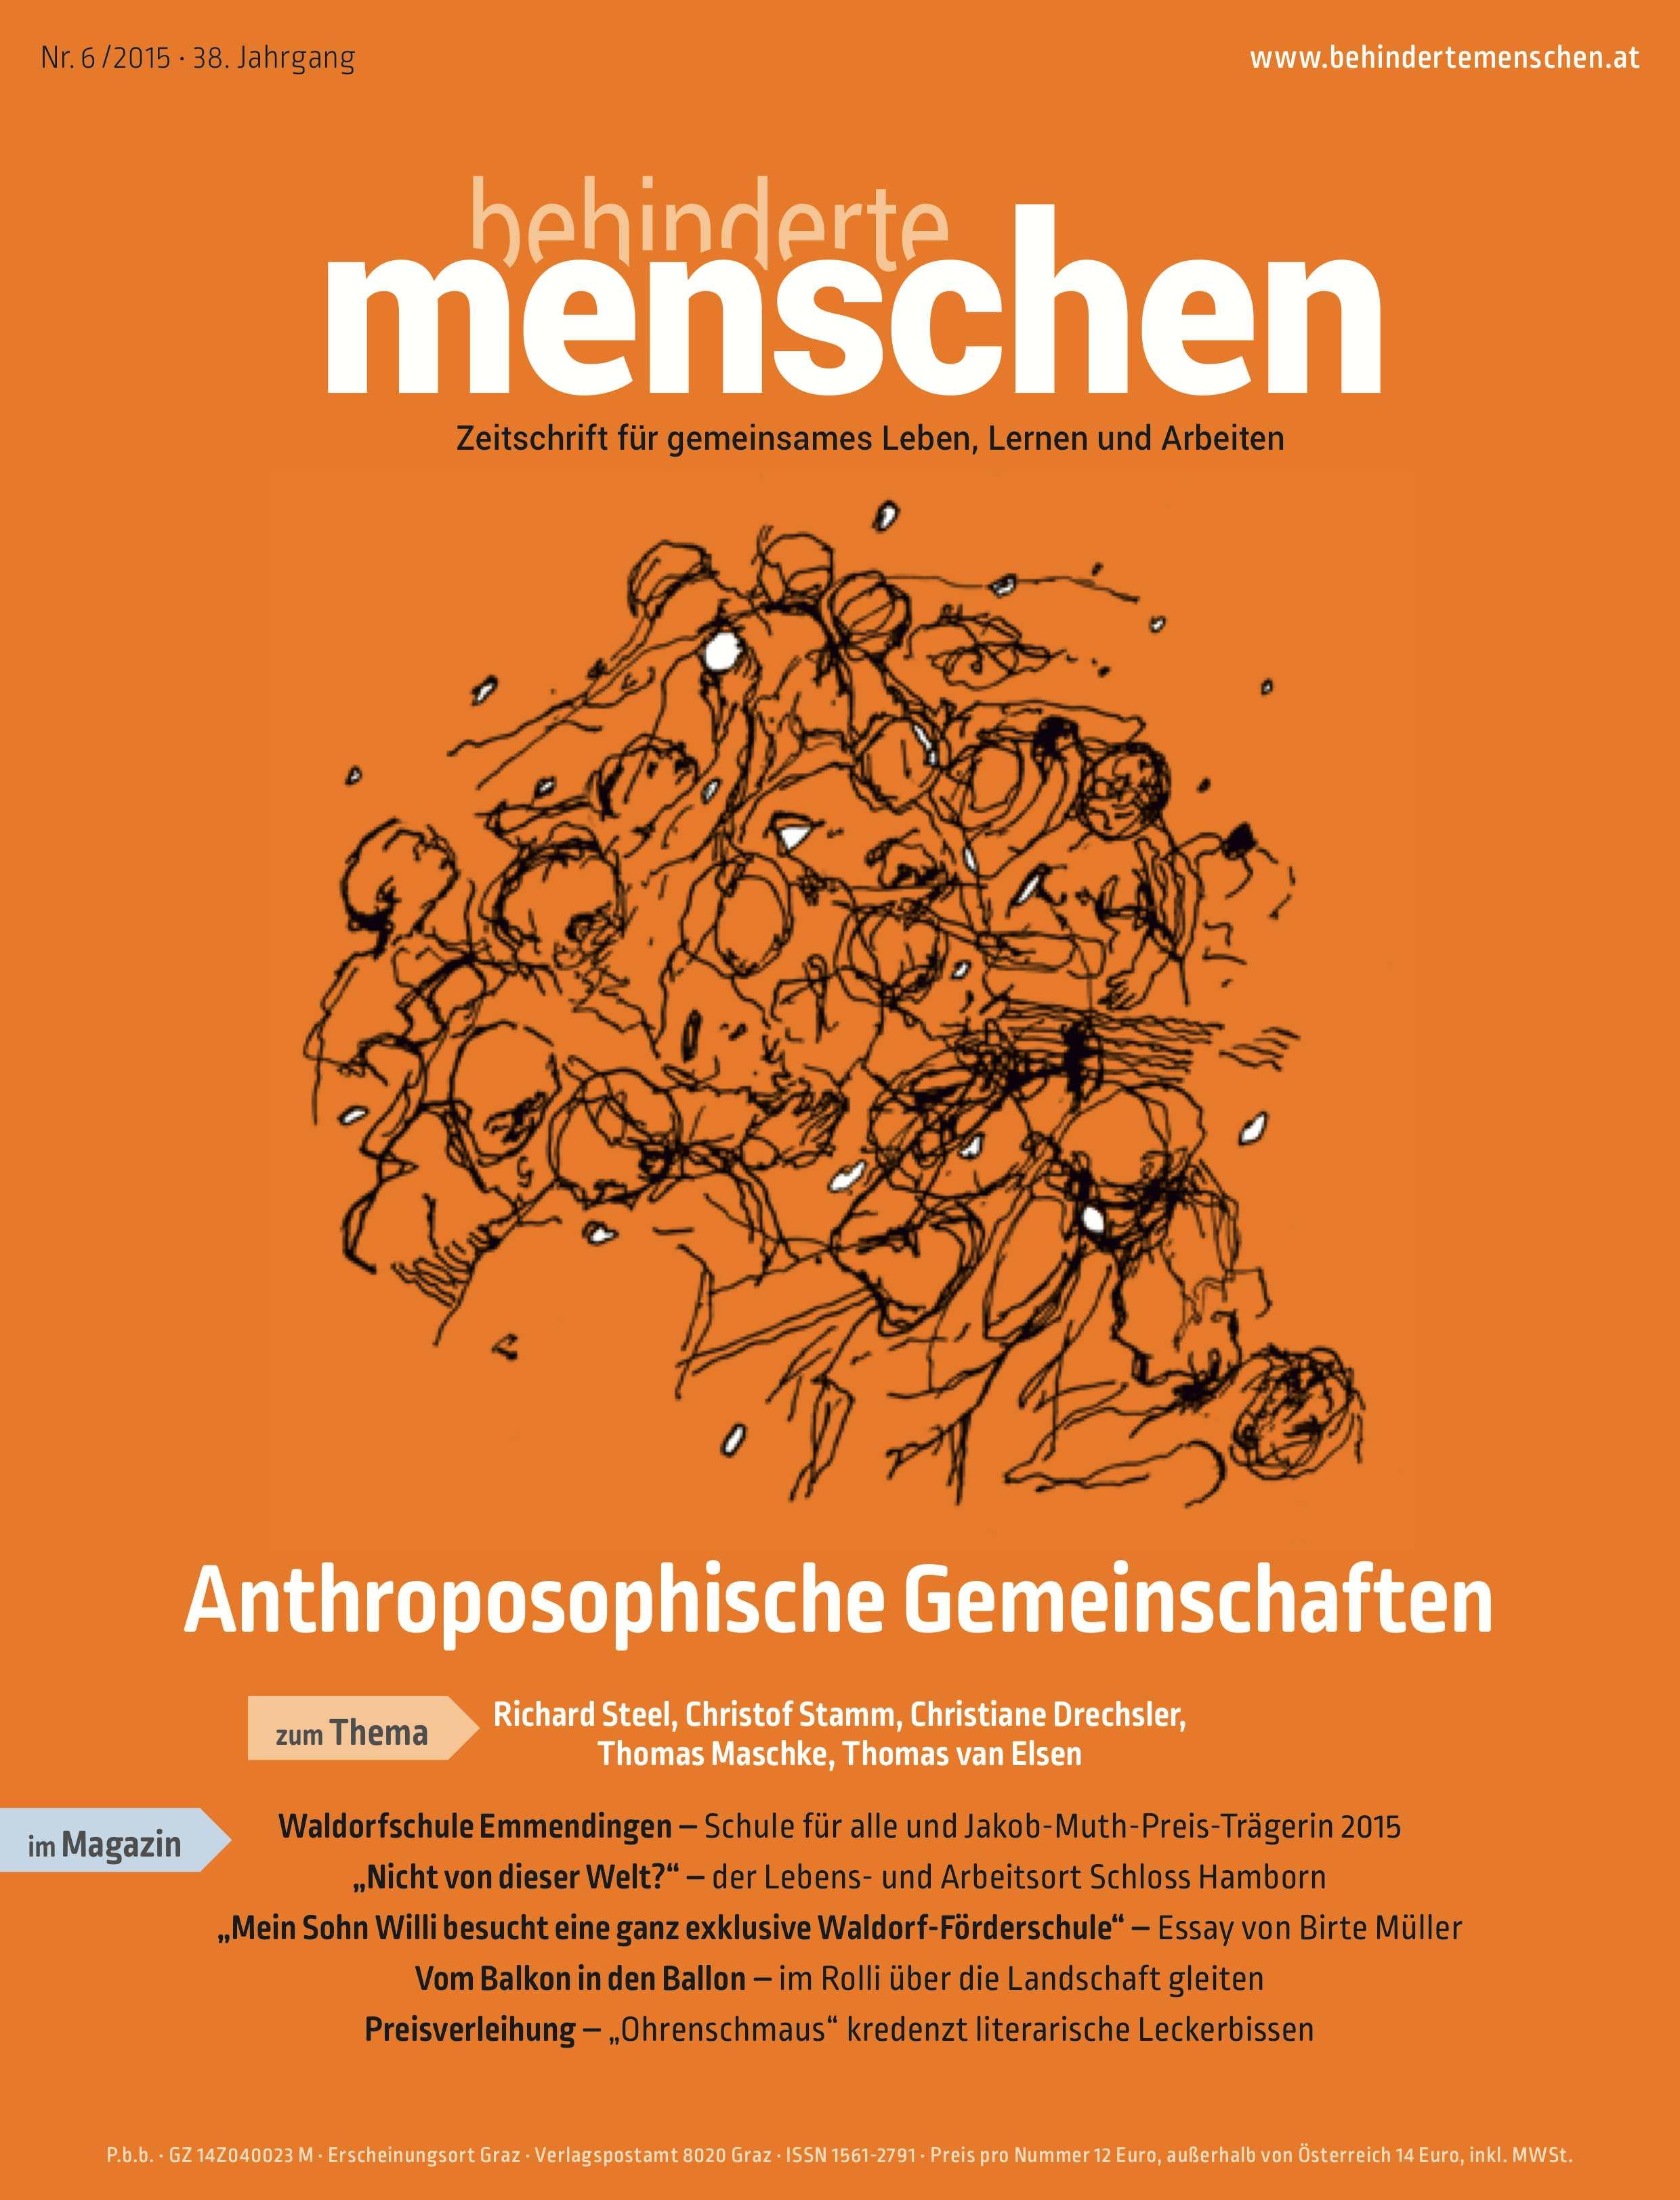 """Titelbild der Zeitschrift BEHINDERTE MENSCHEN, Ausgabe 6/2015 """"Anthroposophische Gemeinschaften"""""""